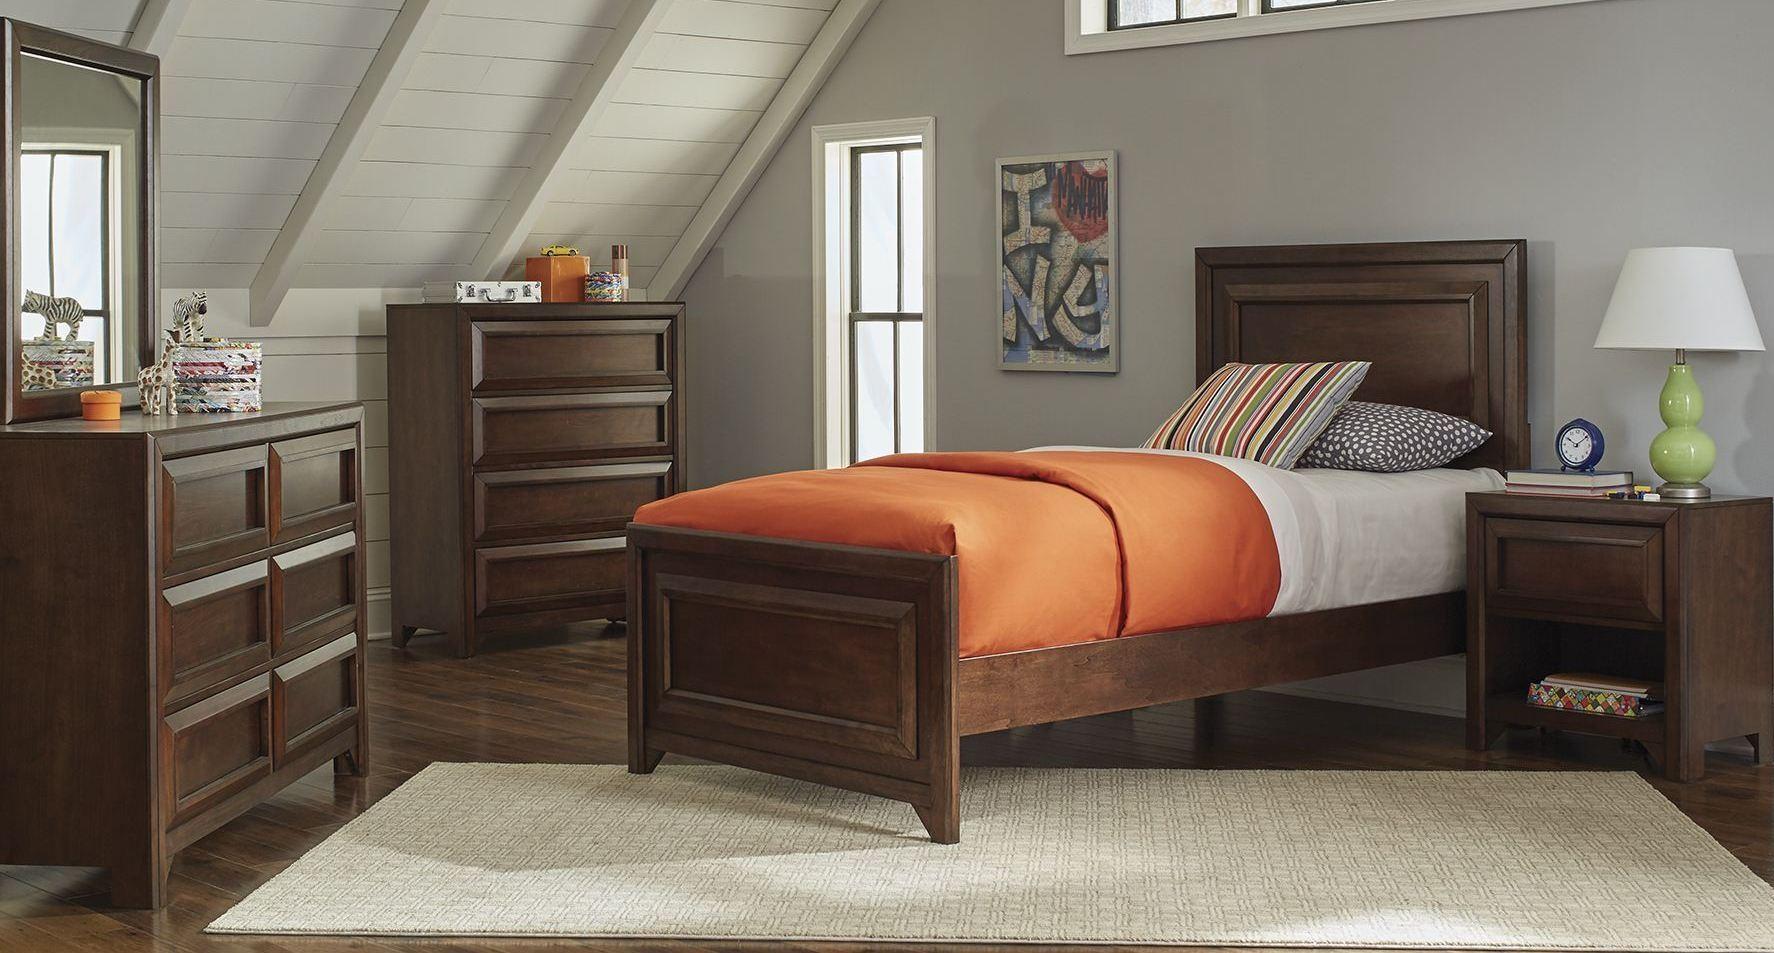 greenough maple oak panel bedroom set 400821t coaster furniture. Black Bedroom Furniture Sets. Home Design Ideas